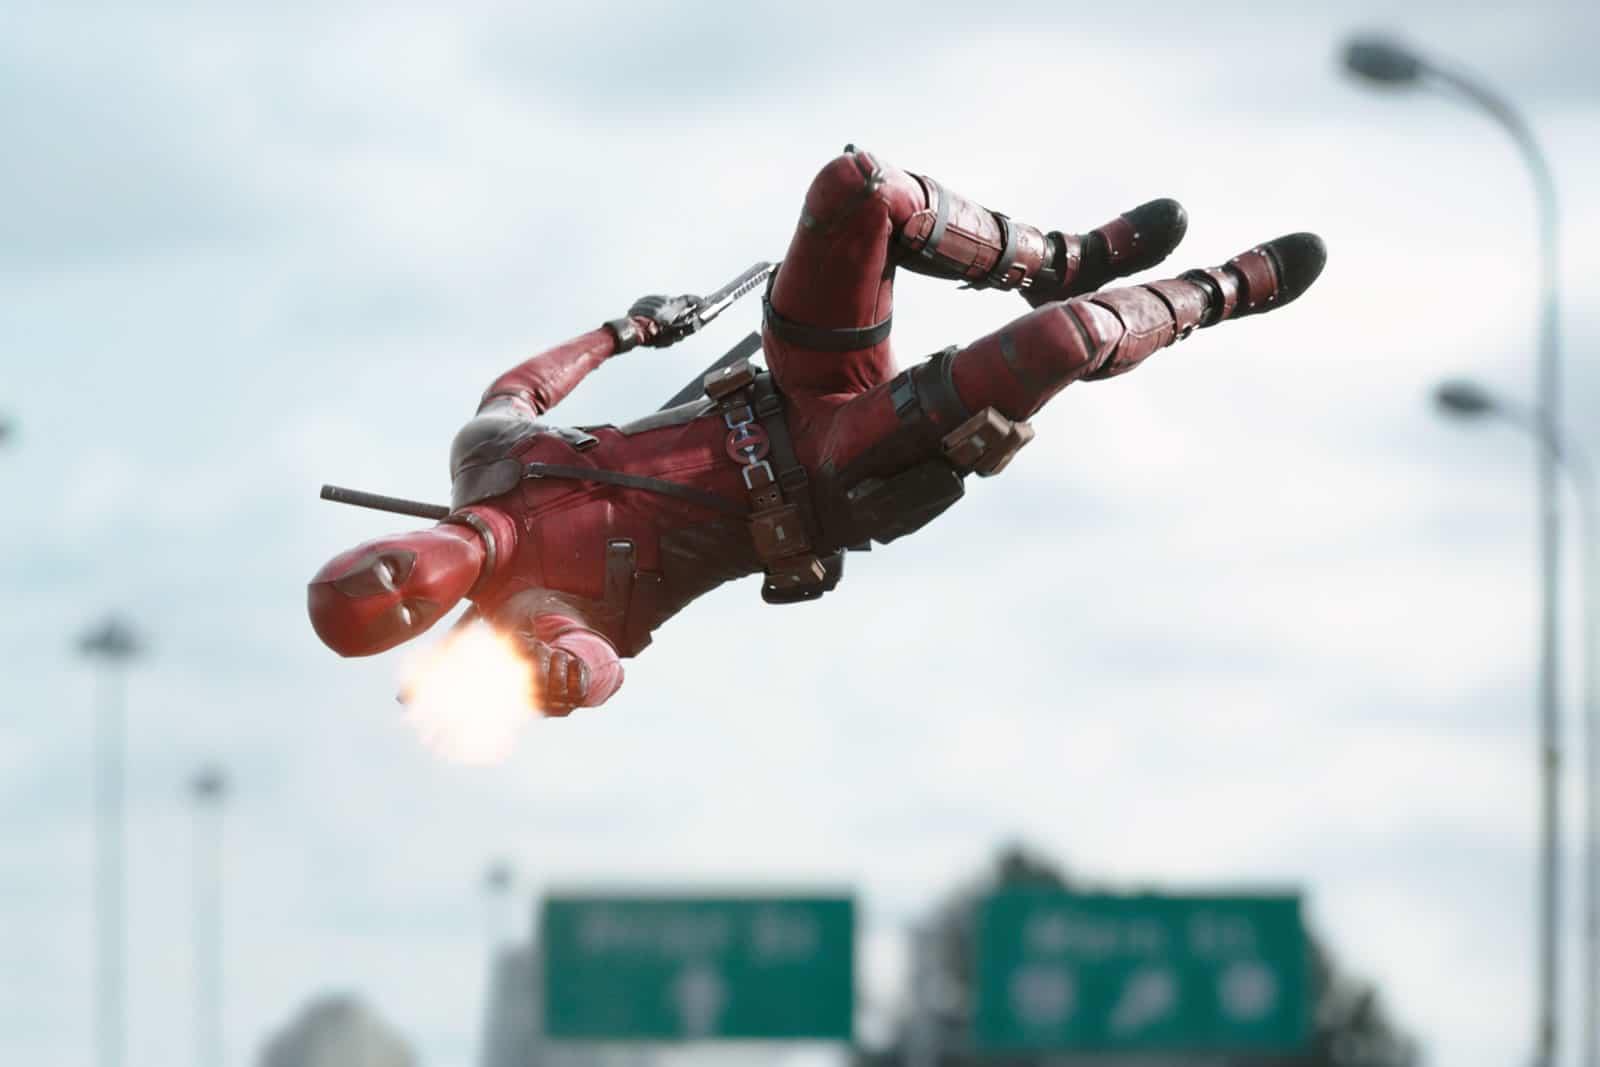 «Deadpool», antihéros en manque d'amour